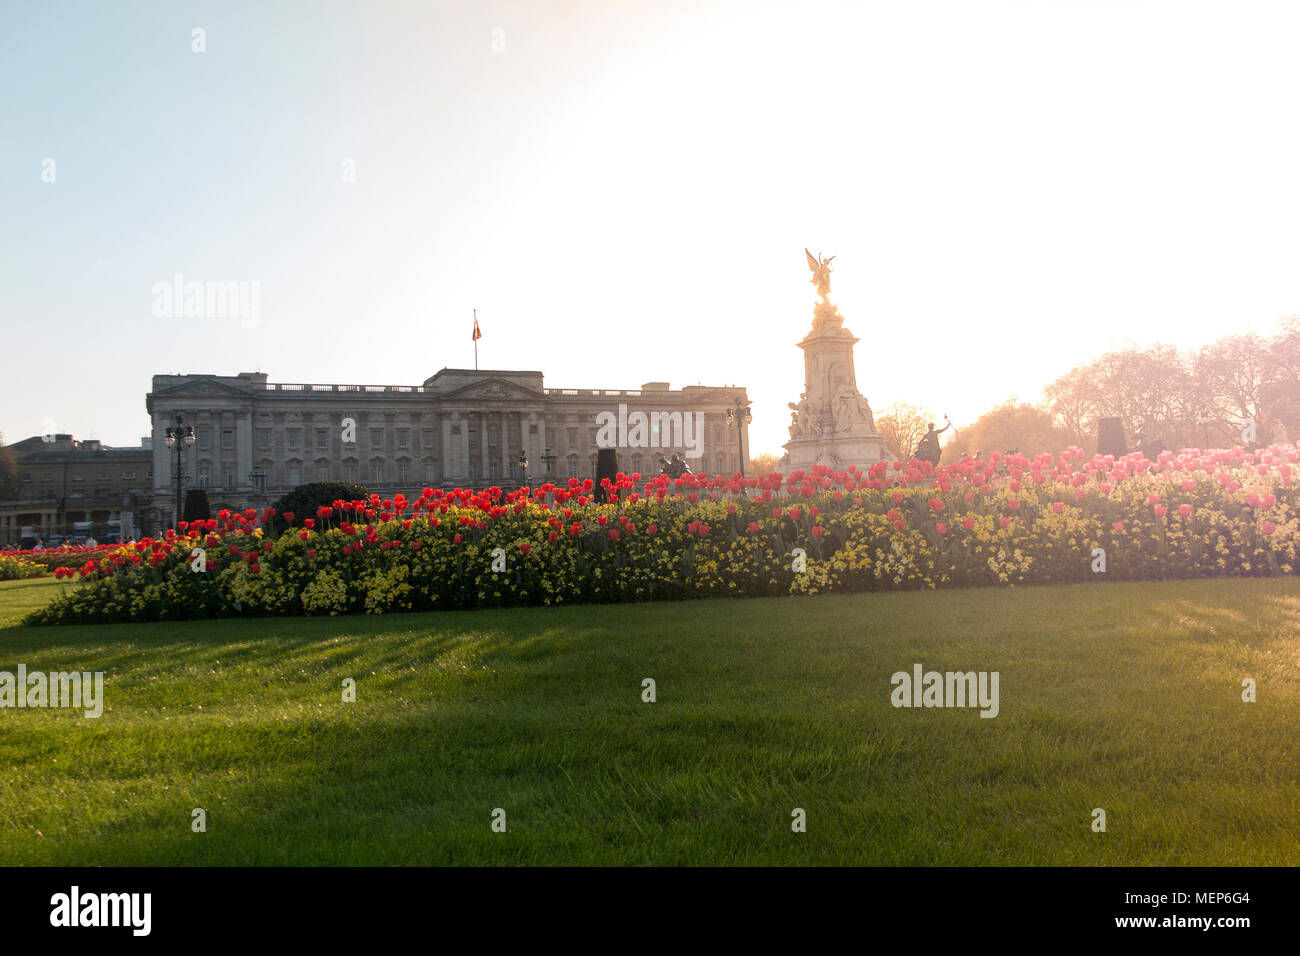 Buckingham Palace in der Abenddämmerung im Frühjahr mit leuchtend roten Blüten für die Commonwealth Tagung der Regierungschefs im April 2018 Stockbild